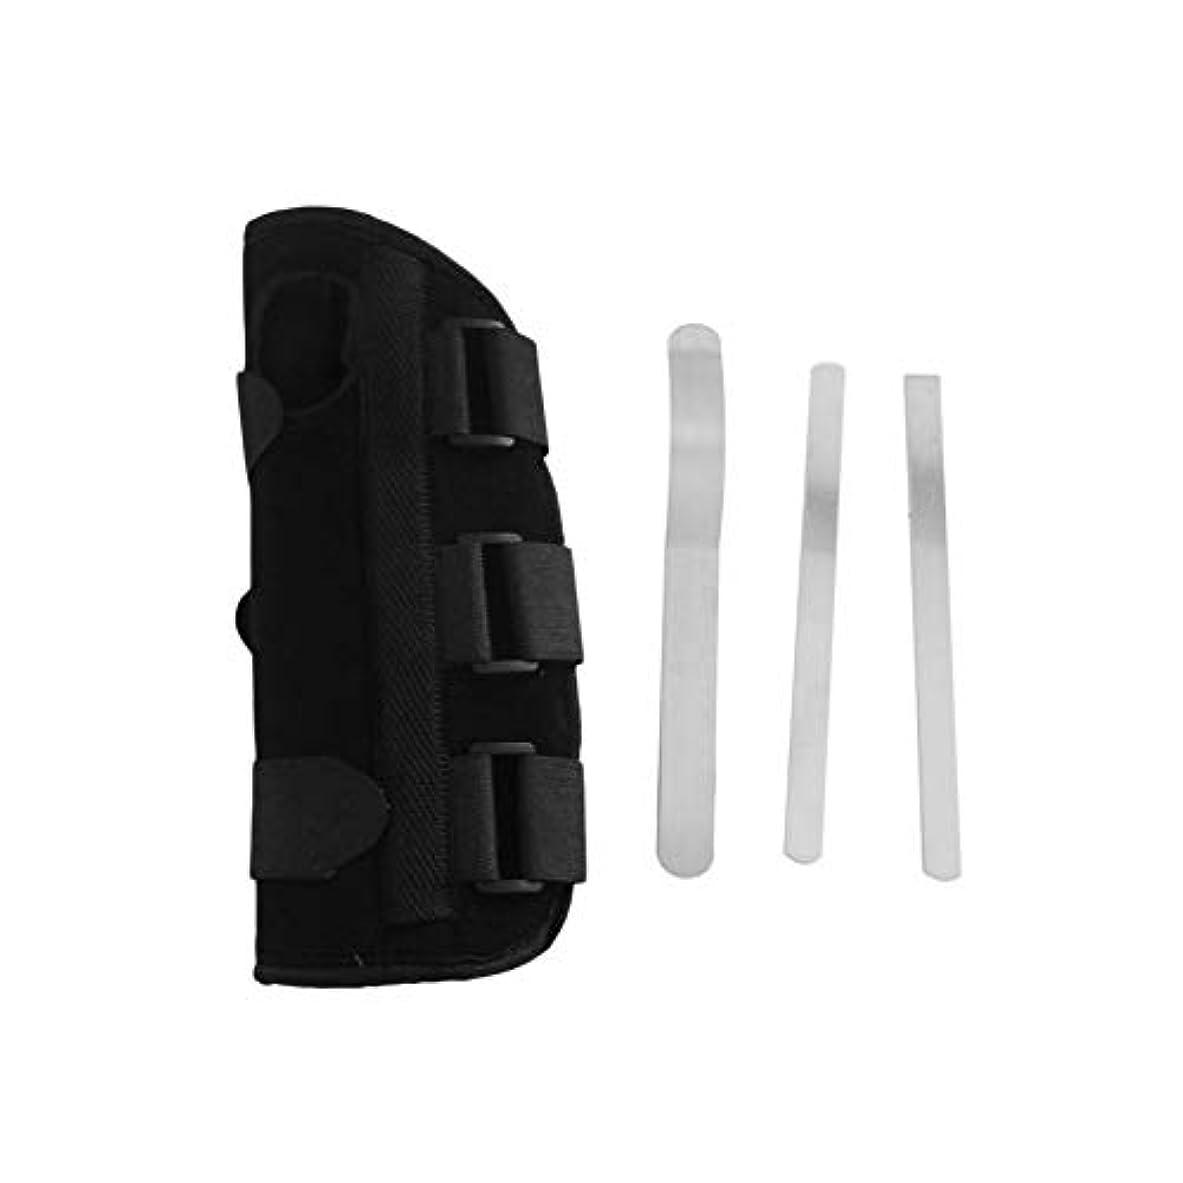 導入する減る層手首副木ブレース保護サポートストラップカルペルトンネルCTS RSI痛み軽減リムーバブル副木快適な軽量ストラップ - ブラックM